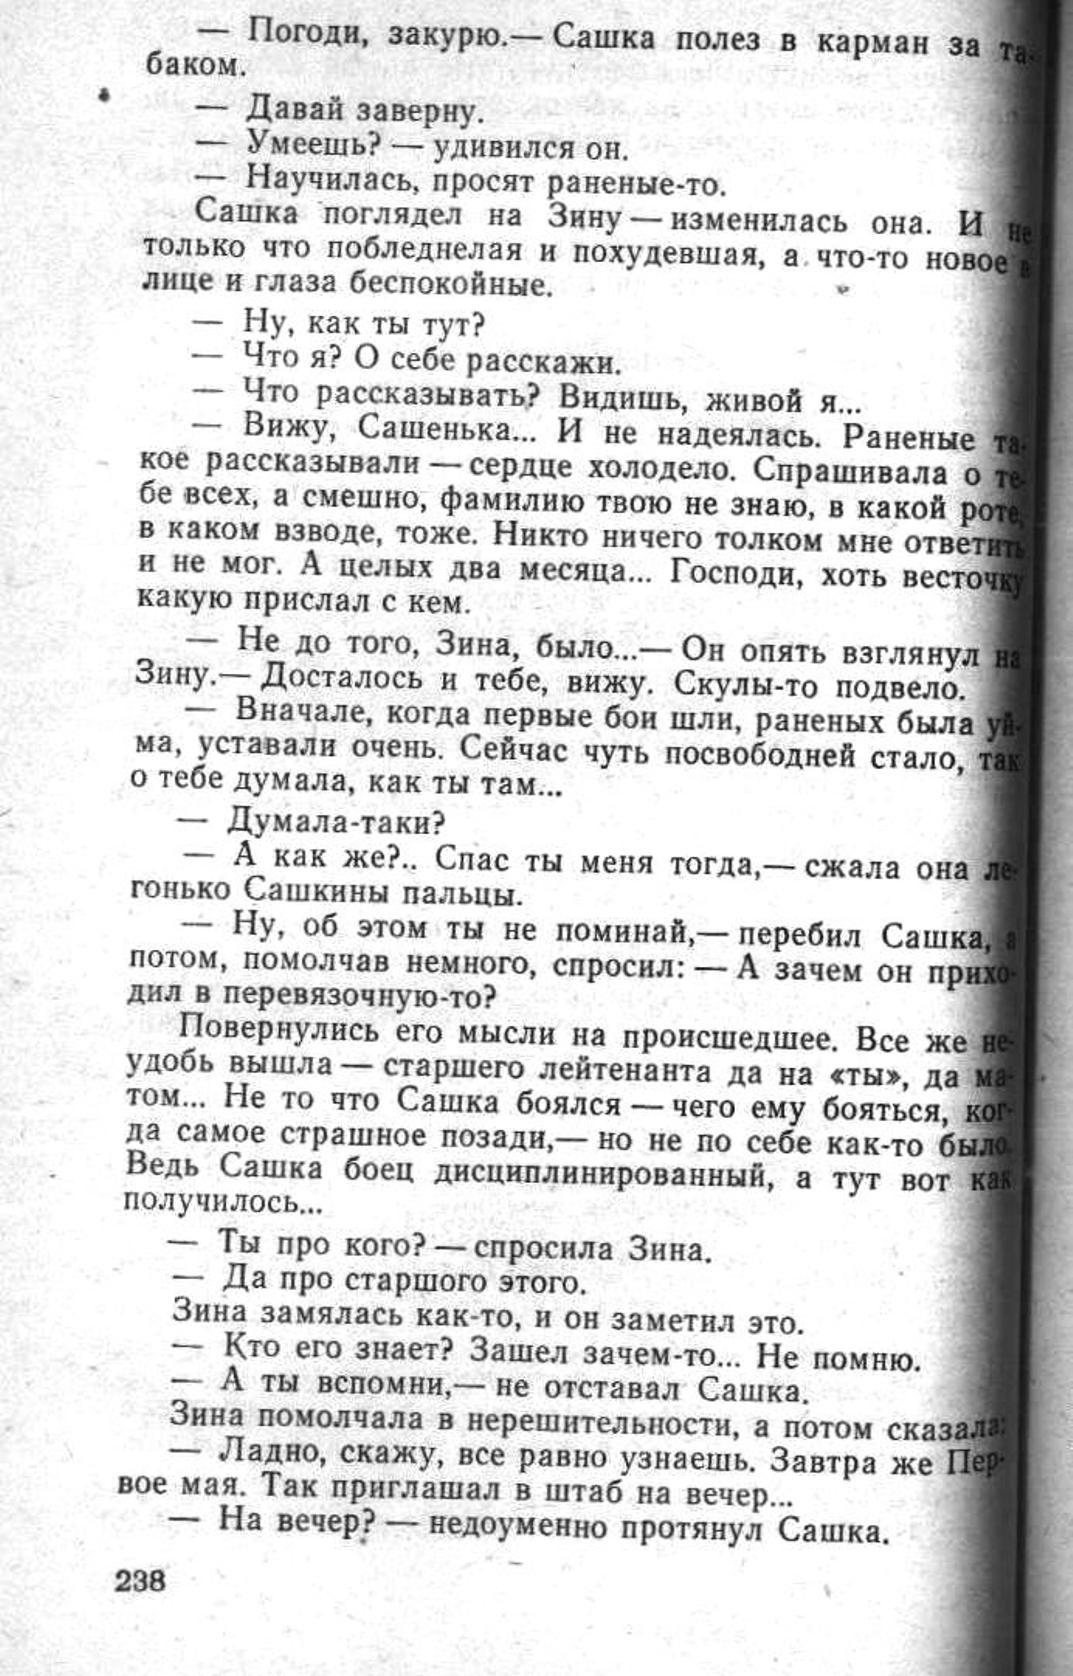 Сашка. Повесть. Вячеслав Кондратьев. 009. 001